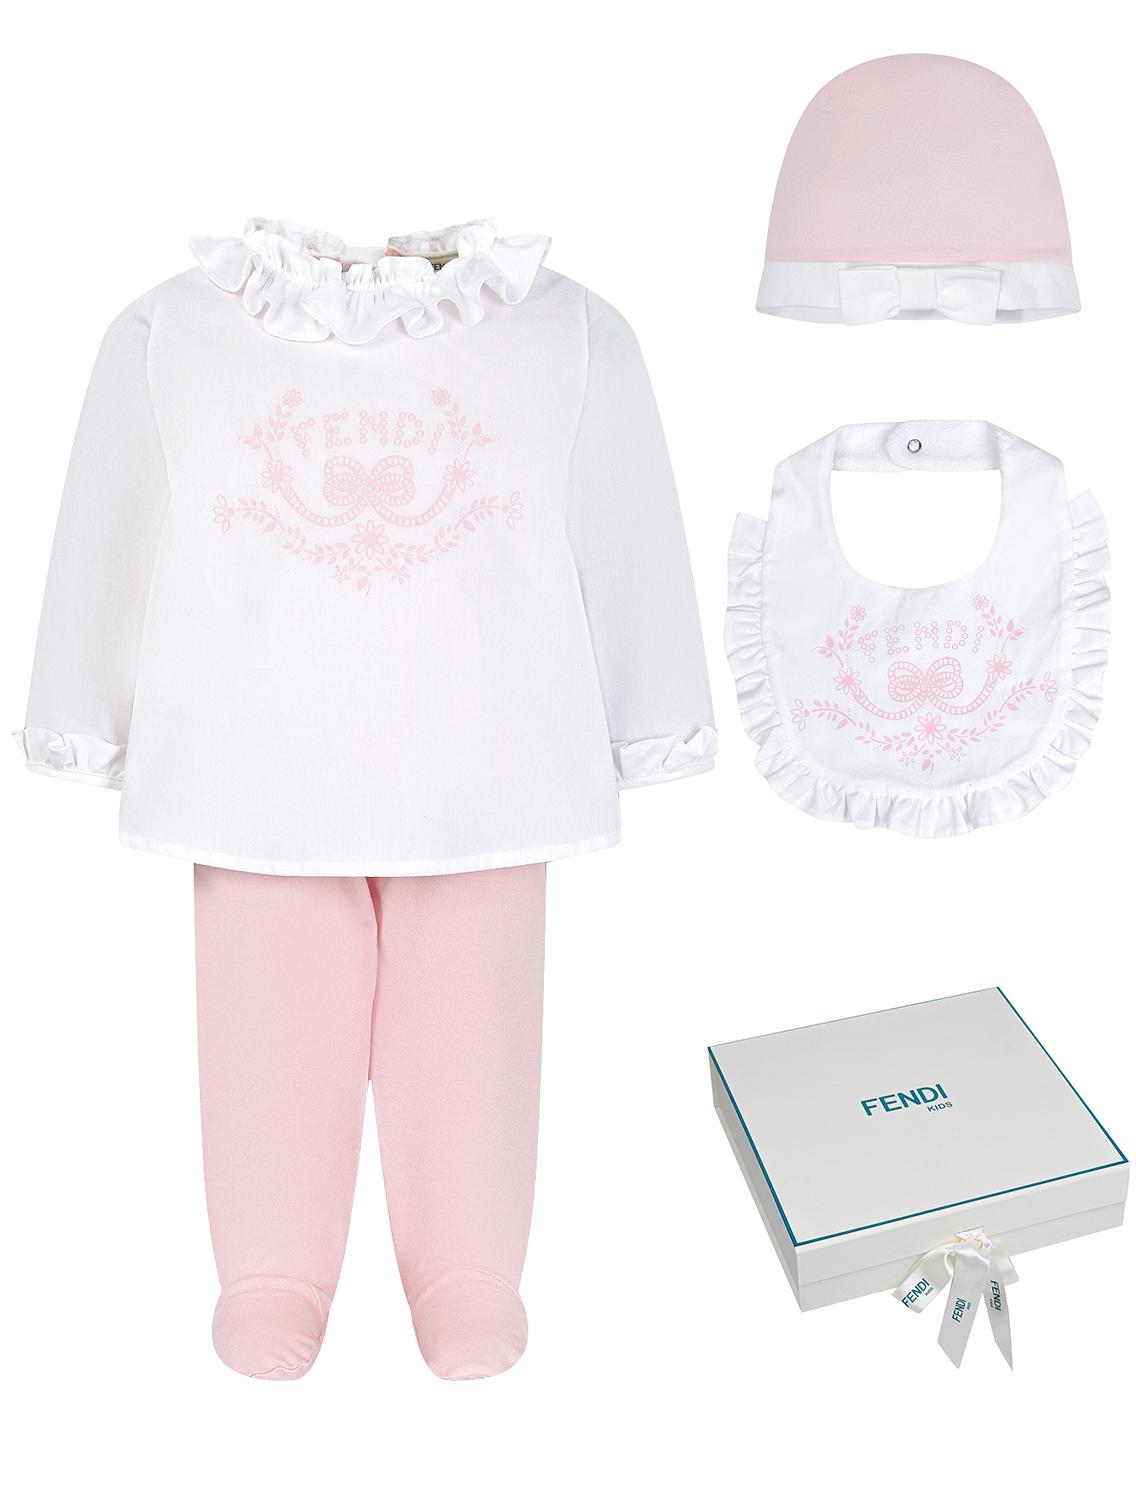 Купить 2269387, Комплект из 3 шт. Fendi, розовый, Женский, 3034509870014